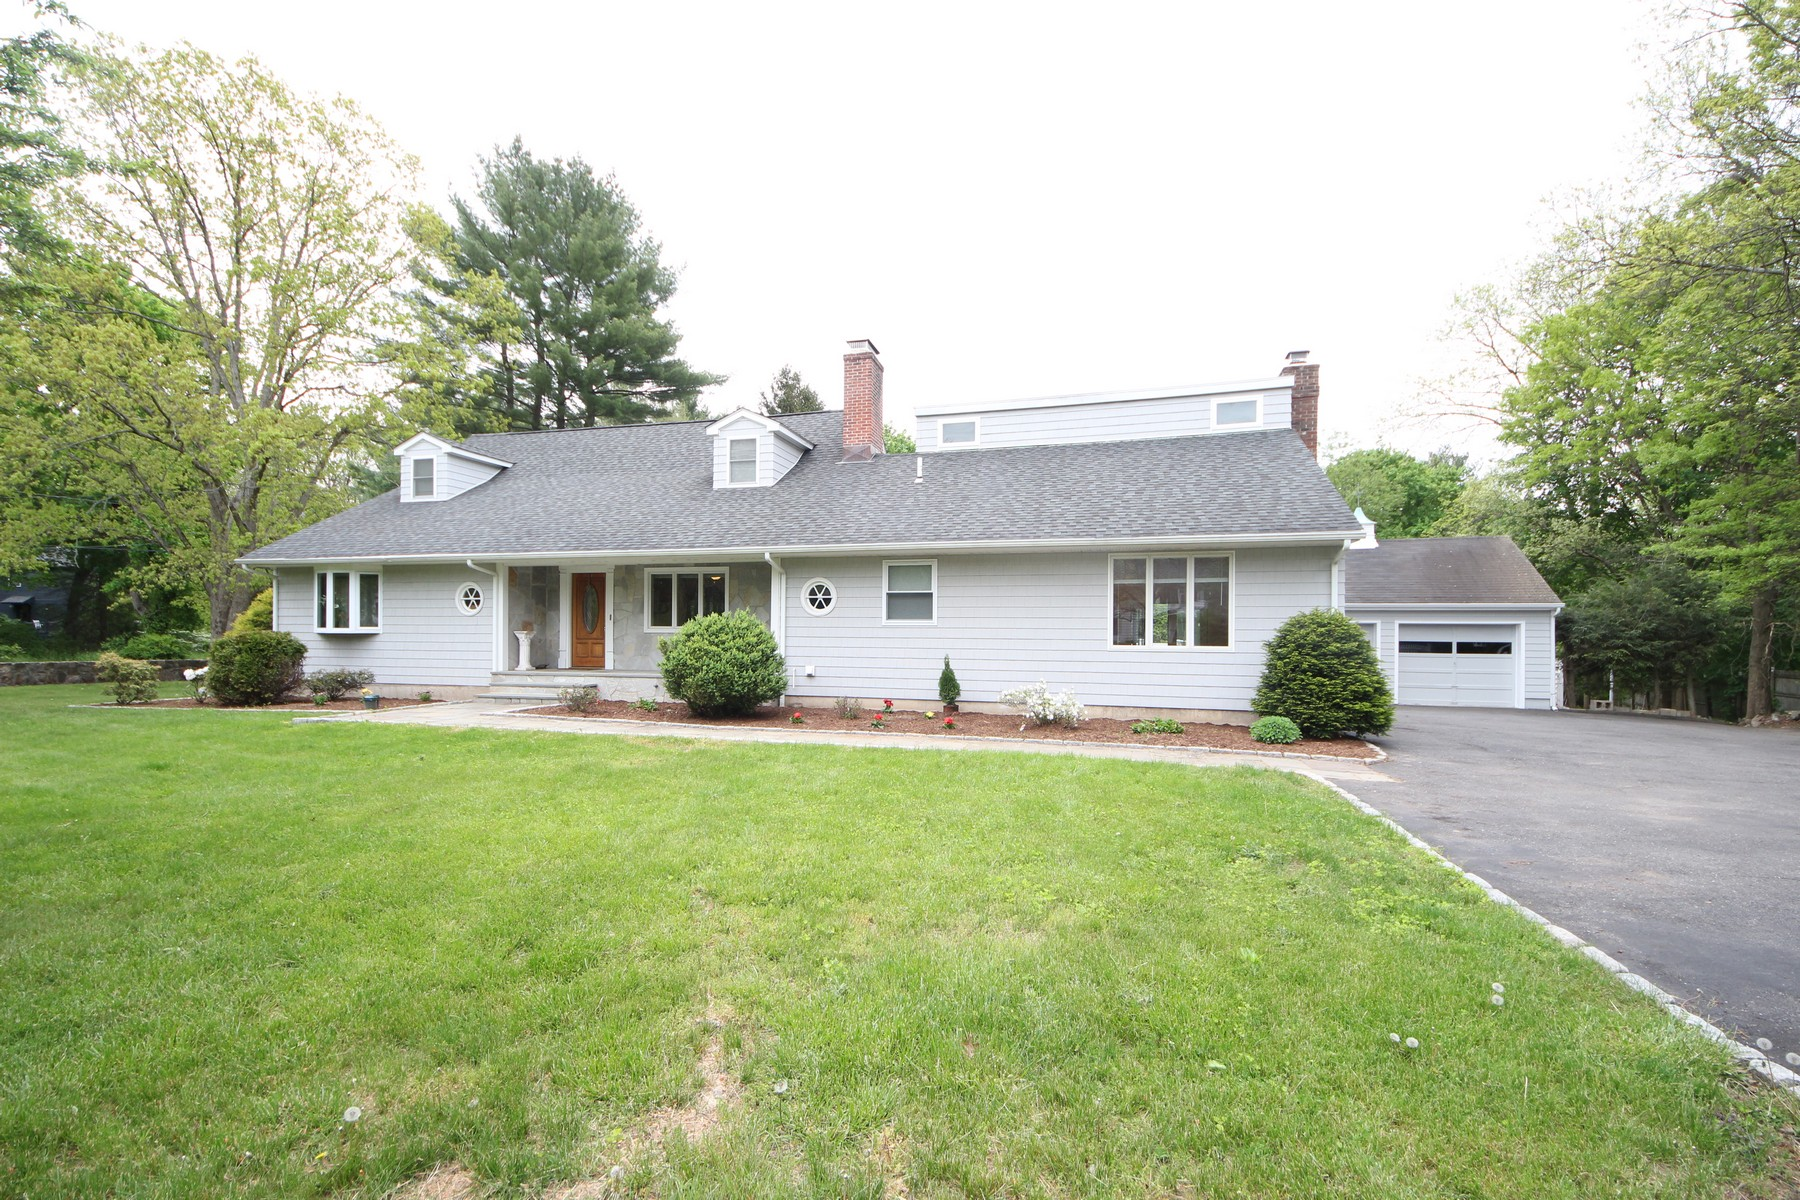 一戸建て のために 売買 アット Suburban Living At Its Best 267 Fillow Street Norwalk, コネチカット, 06850 アメリカ合衆国